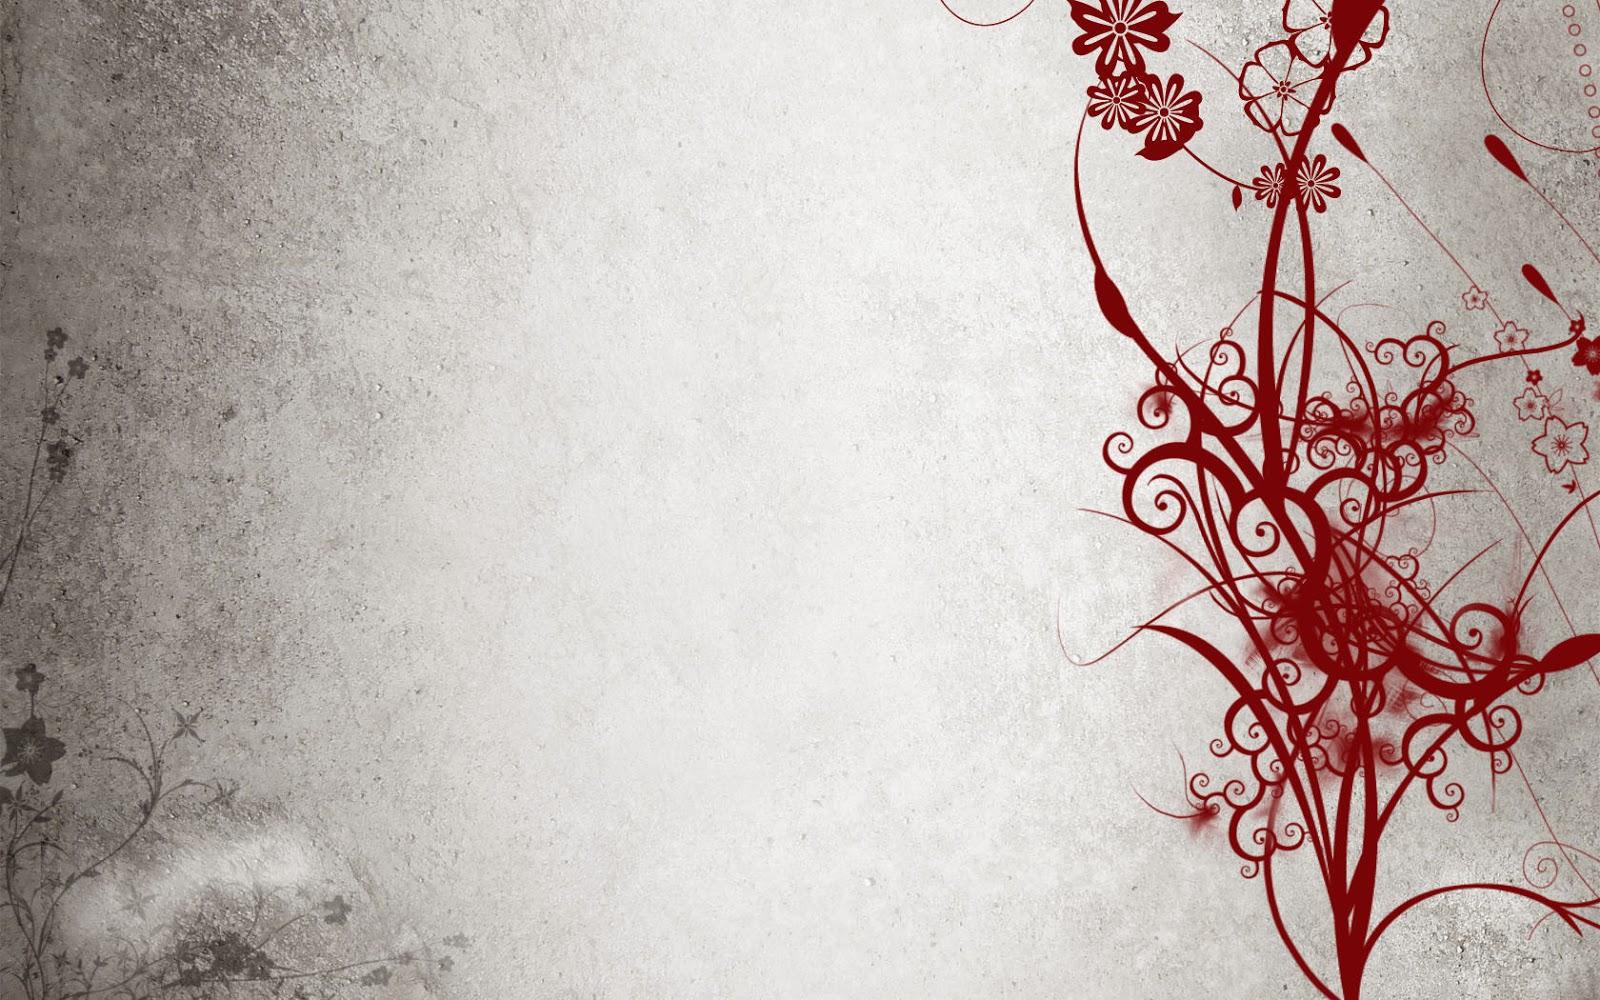 Imagenes Abstractas En Hd Para Descargar: Fondo De Pantalla Abstracto Flor Roja